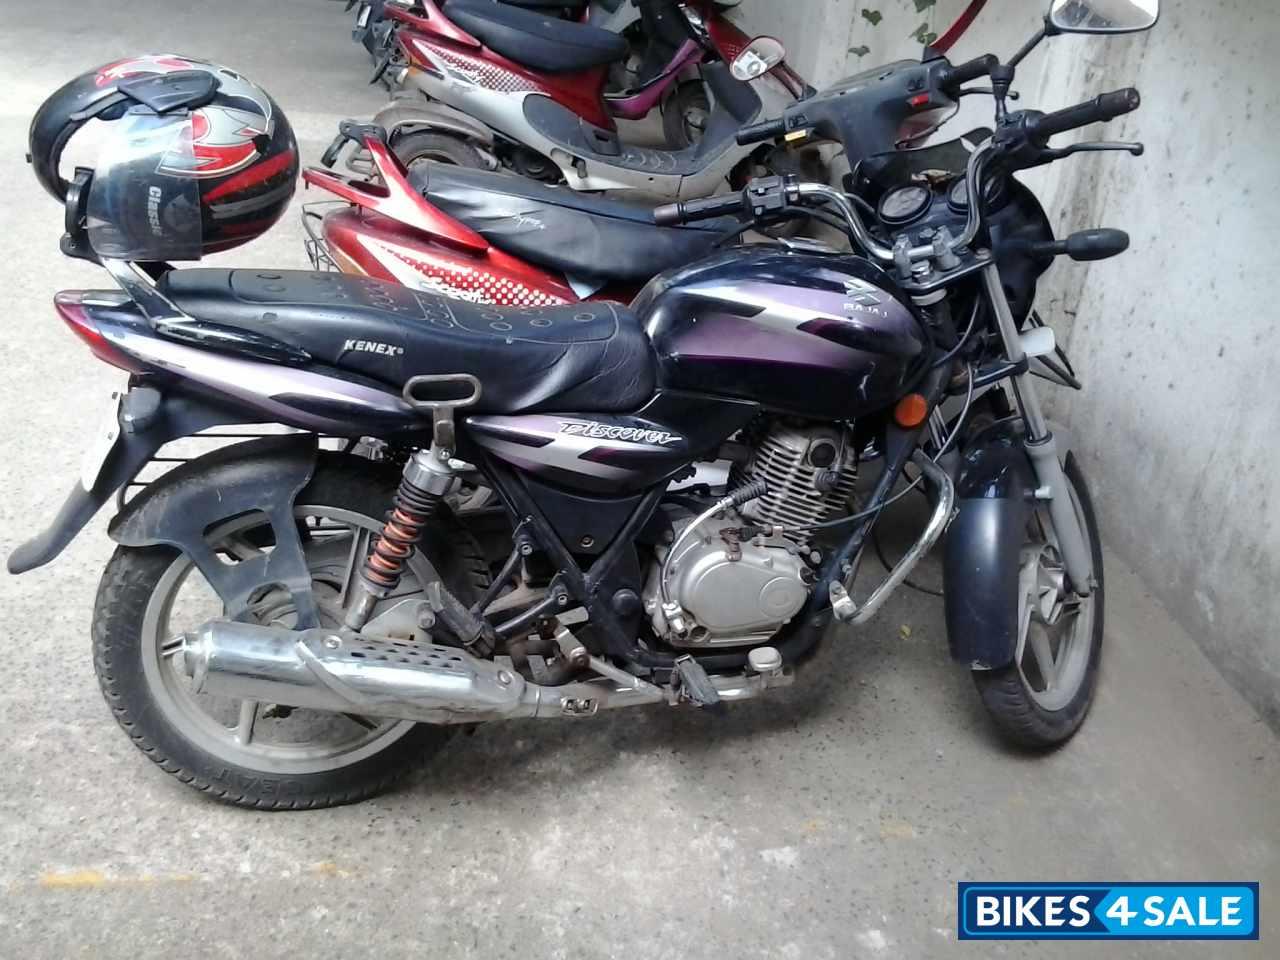 Image Result For Bike Assam